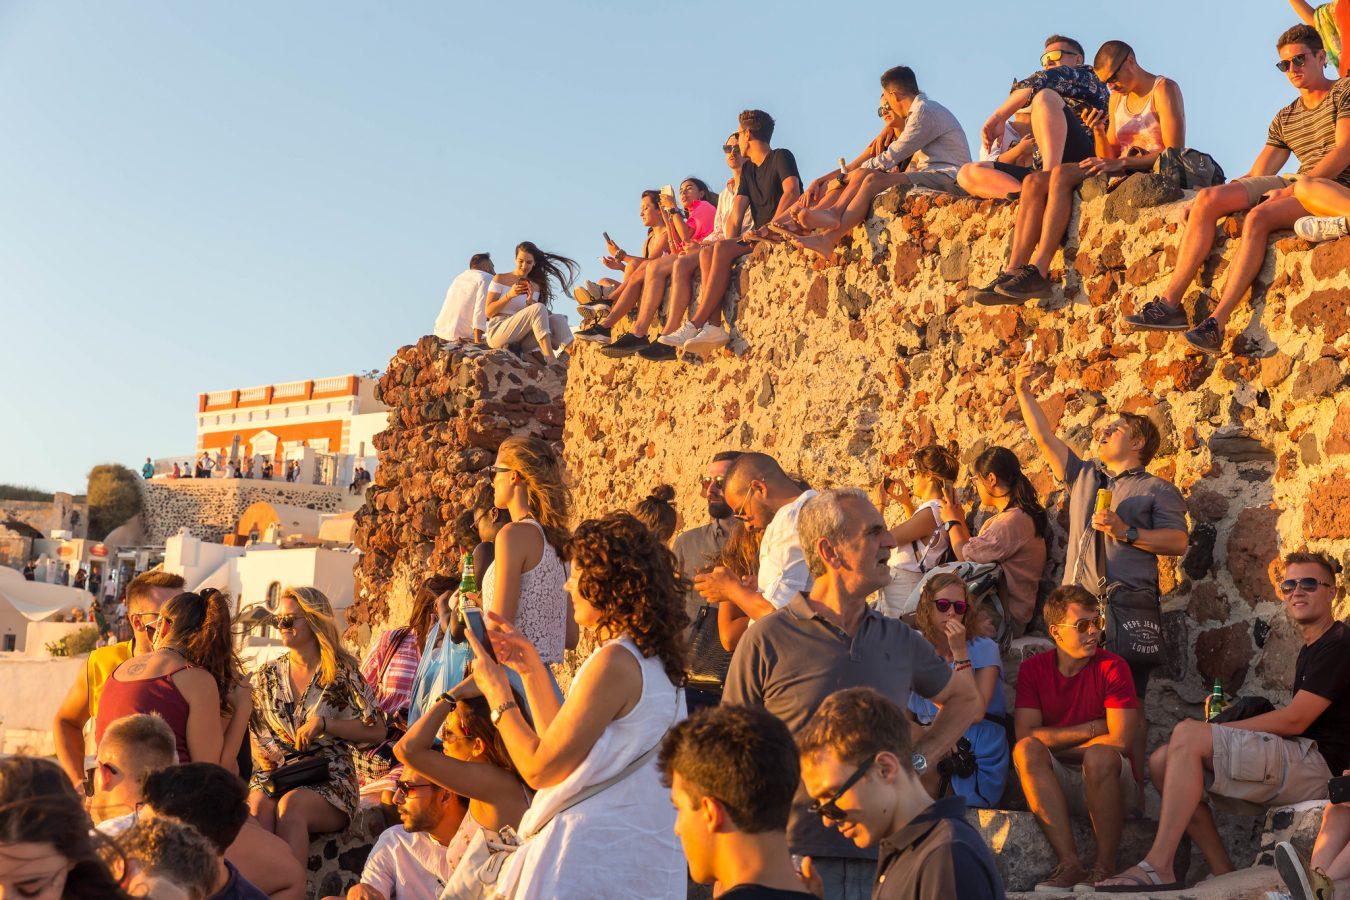 Santorini tourists